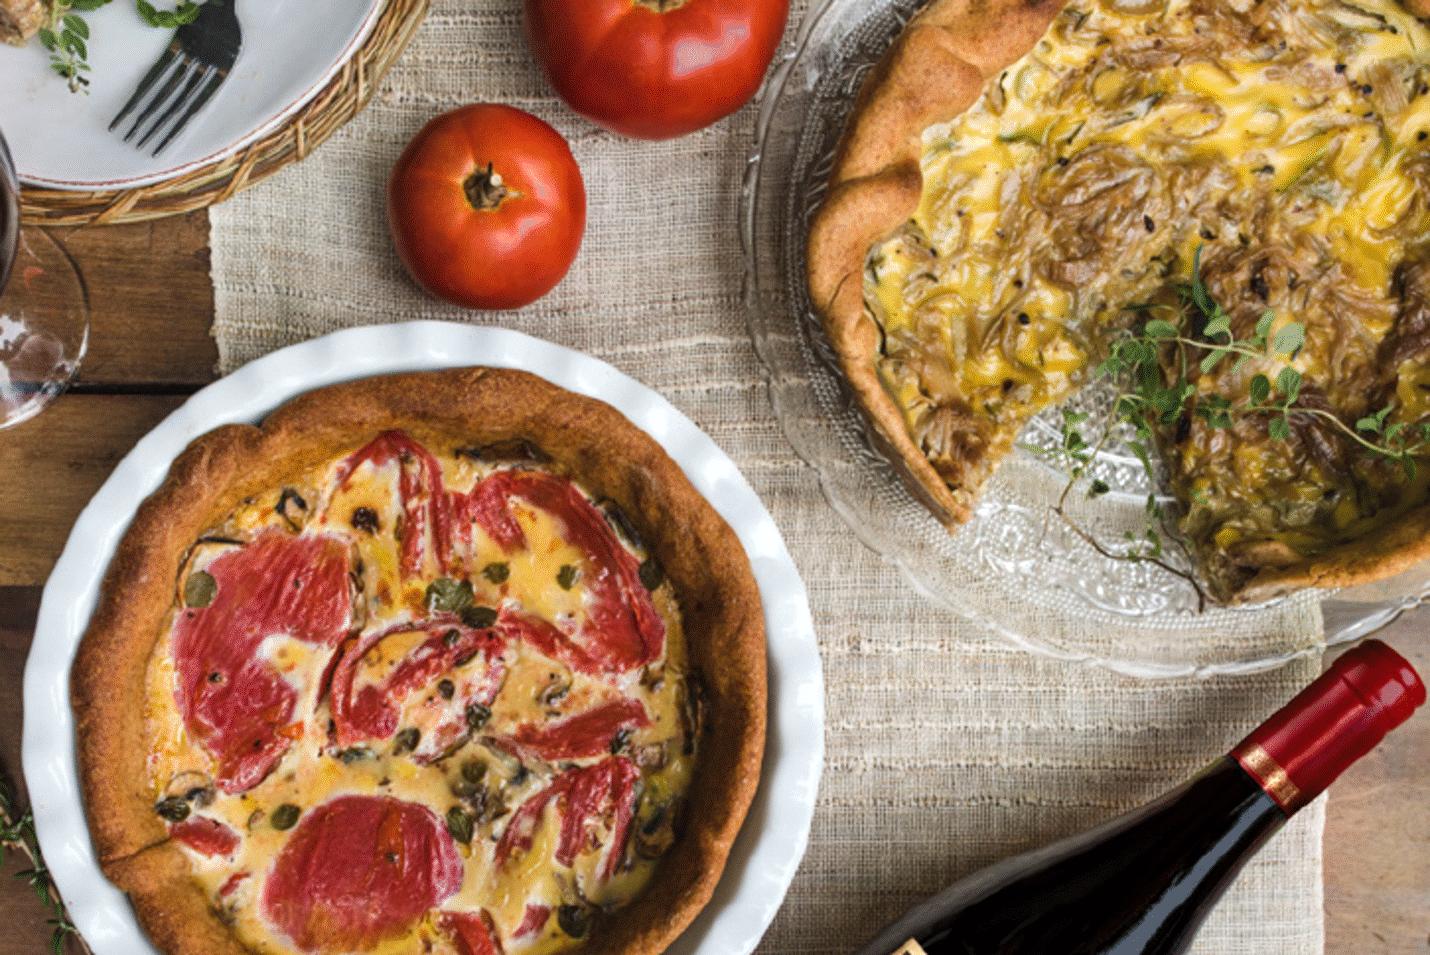 Karamelliserede løg og porrequiche, tærte, grøntsager, opskrift, fremgangsmåde, tilberedning, mad, vin